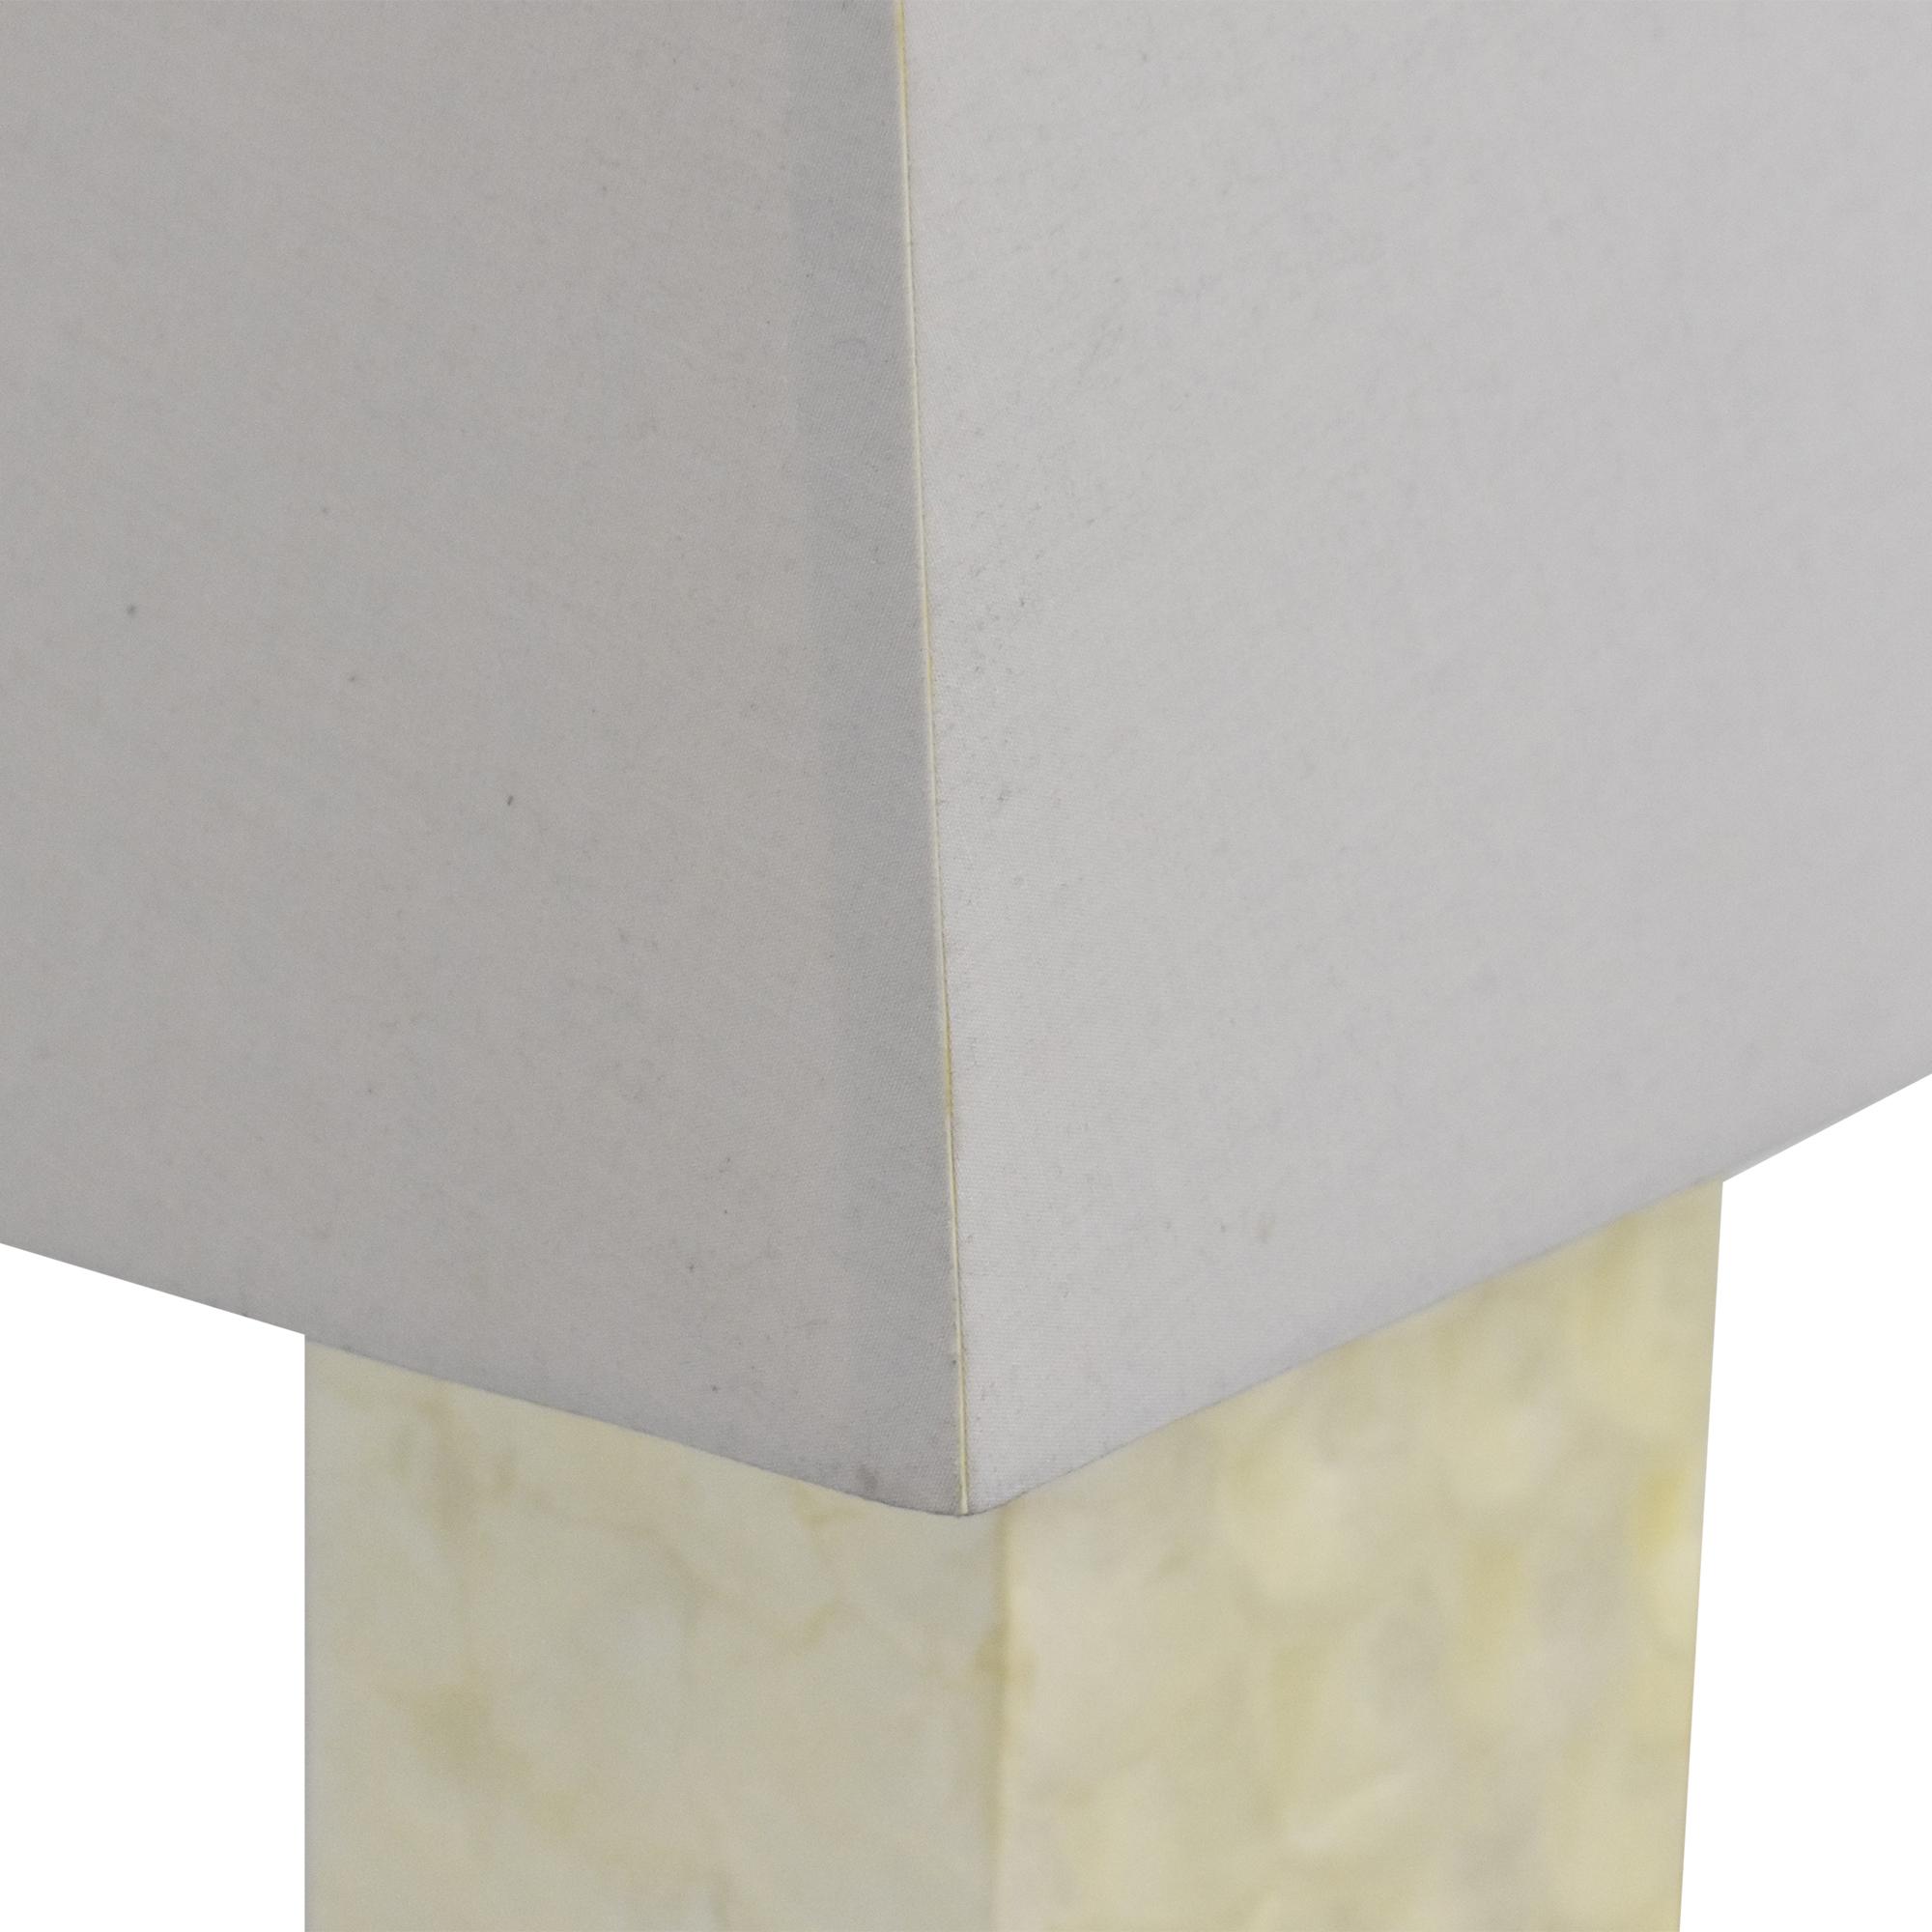 West Elm West Elm Capiz Block Table Lamps Decor